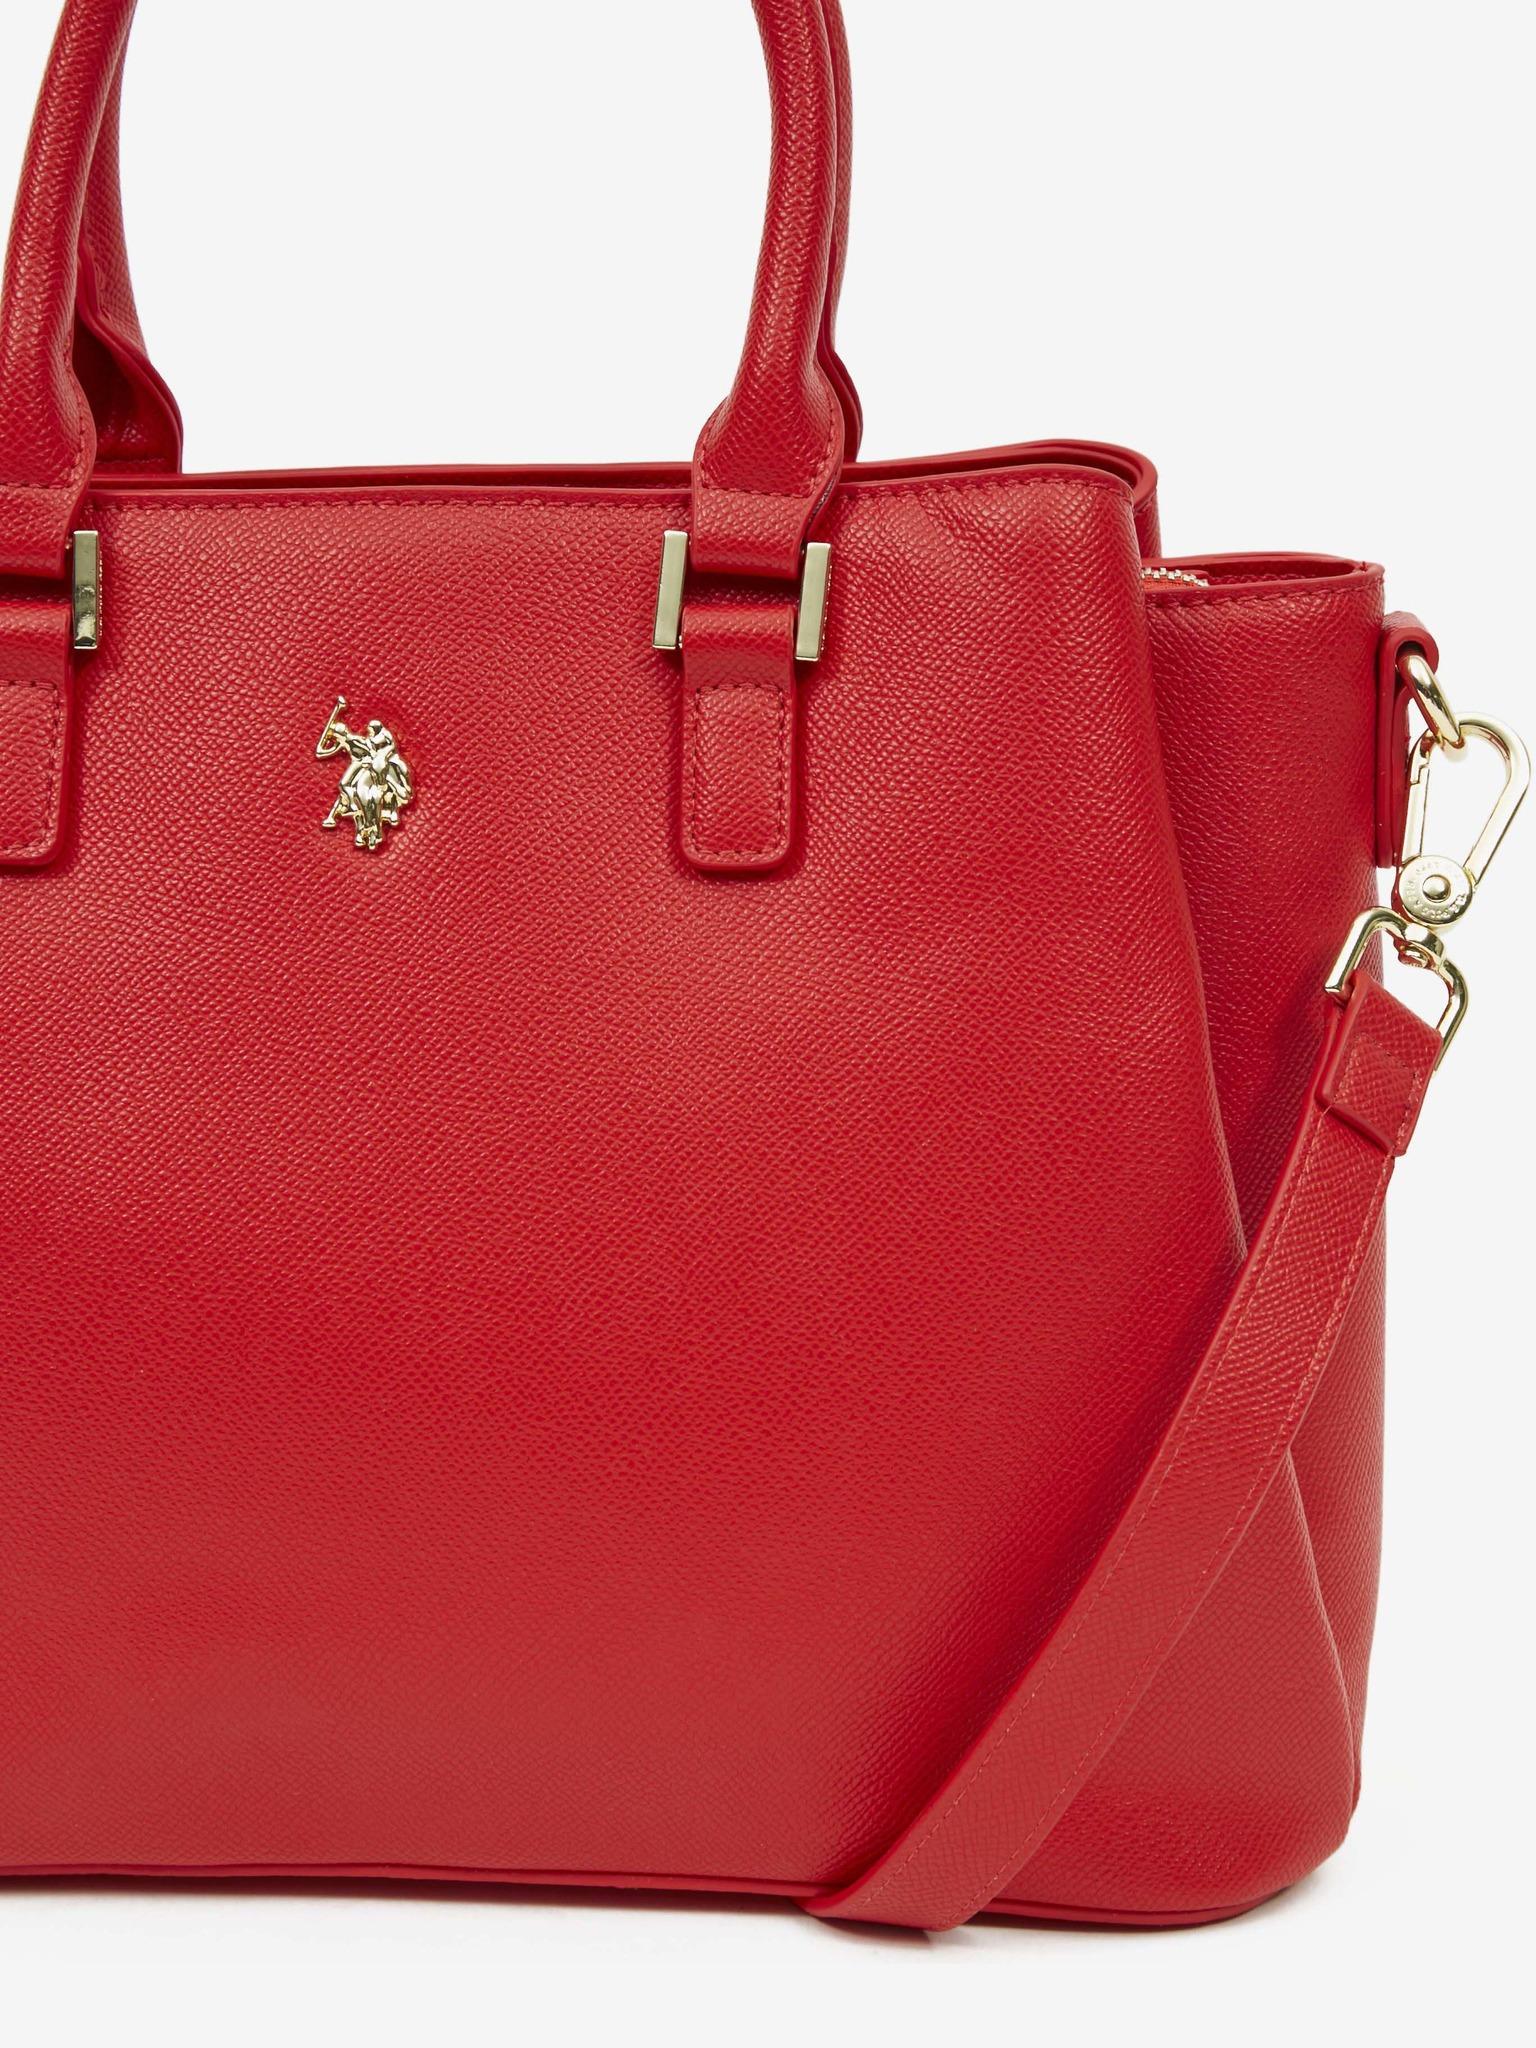 U.S. Polo Assn. Borsetta donna rosso  Kabelka